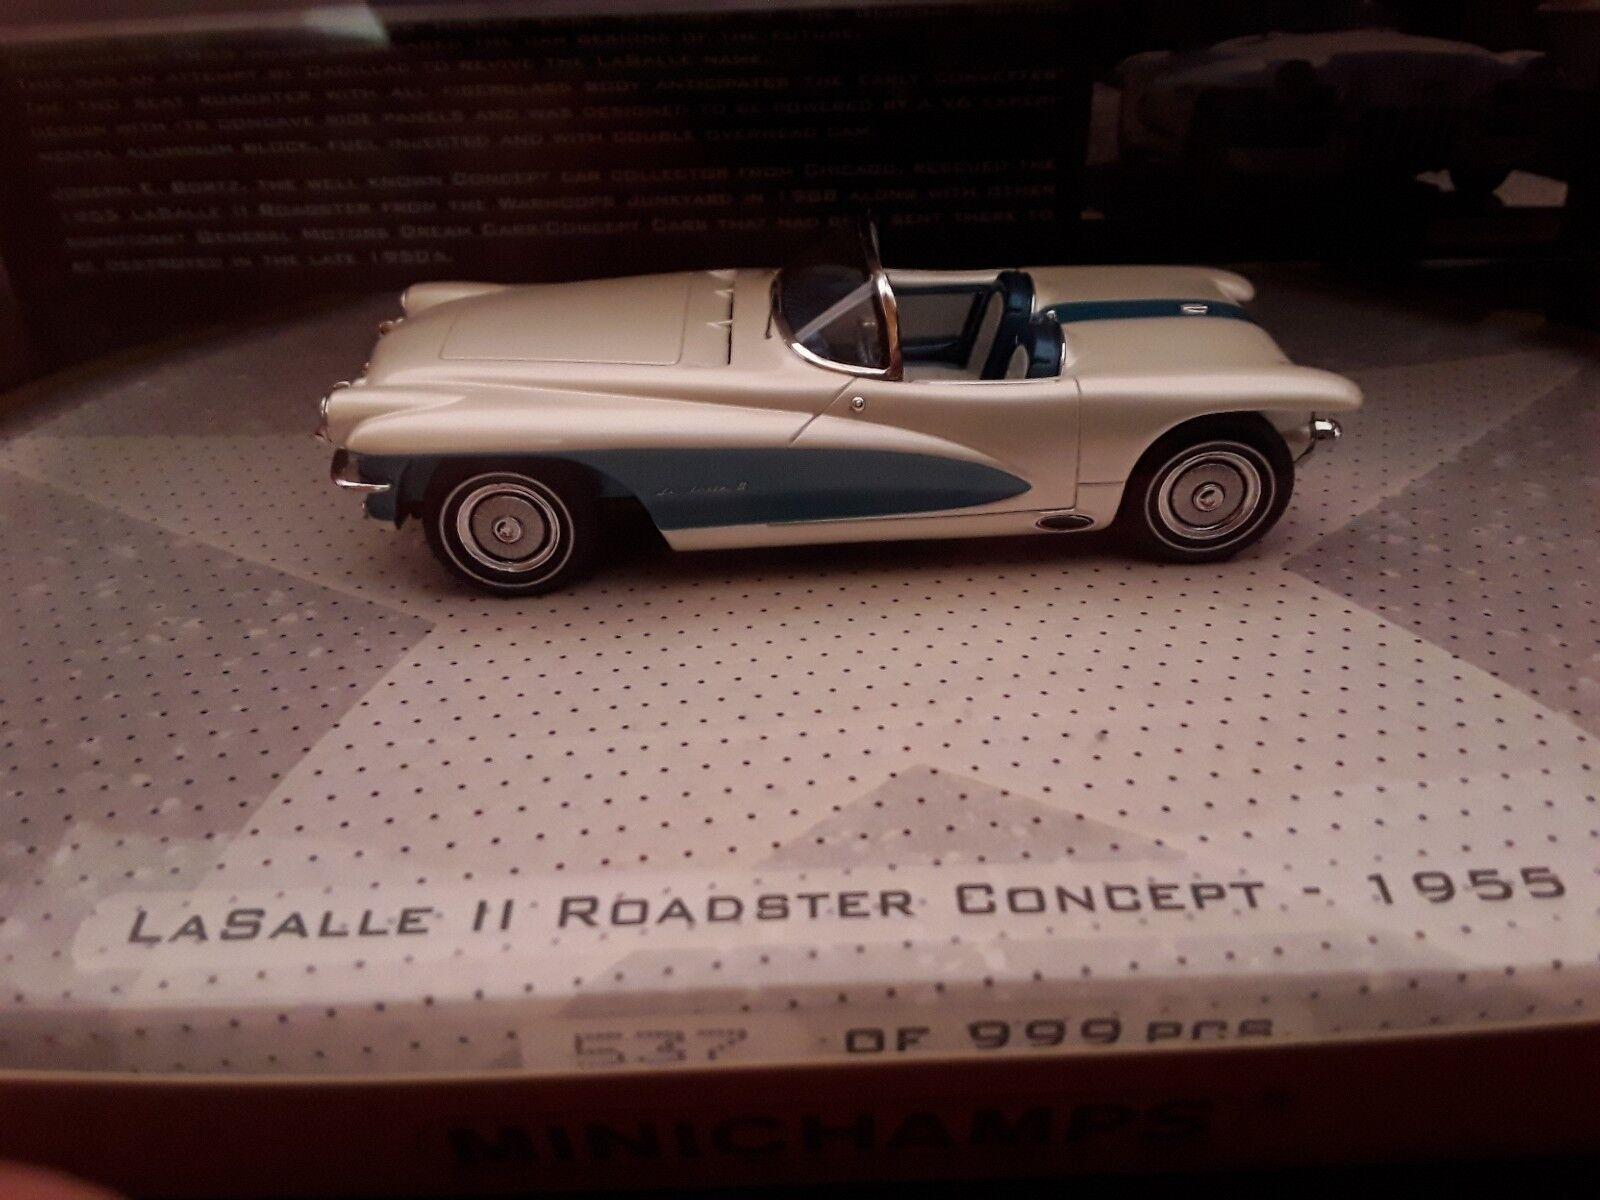 GM General Motors Salle II Roadster Concept 1955 1 43 Minichamps 437147030